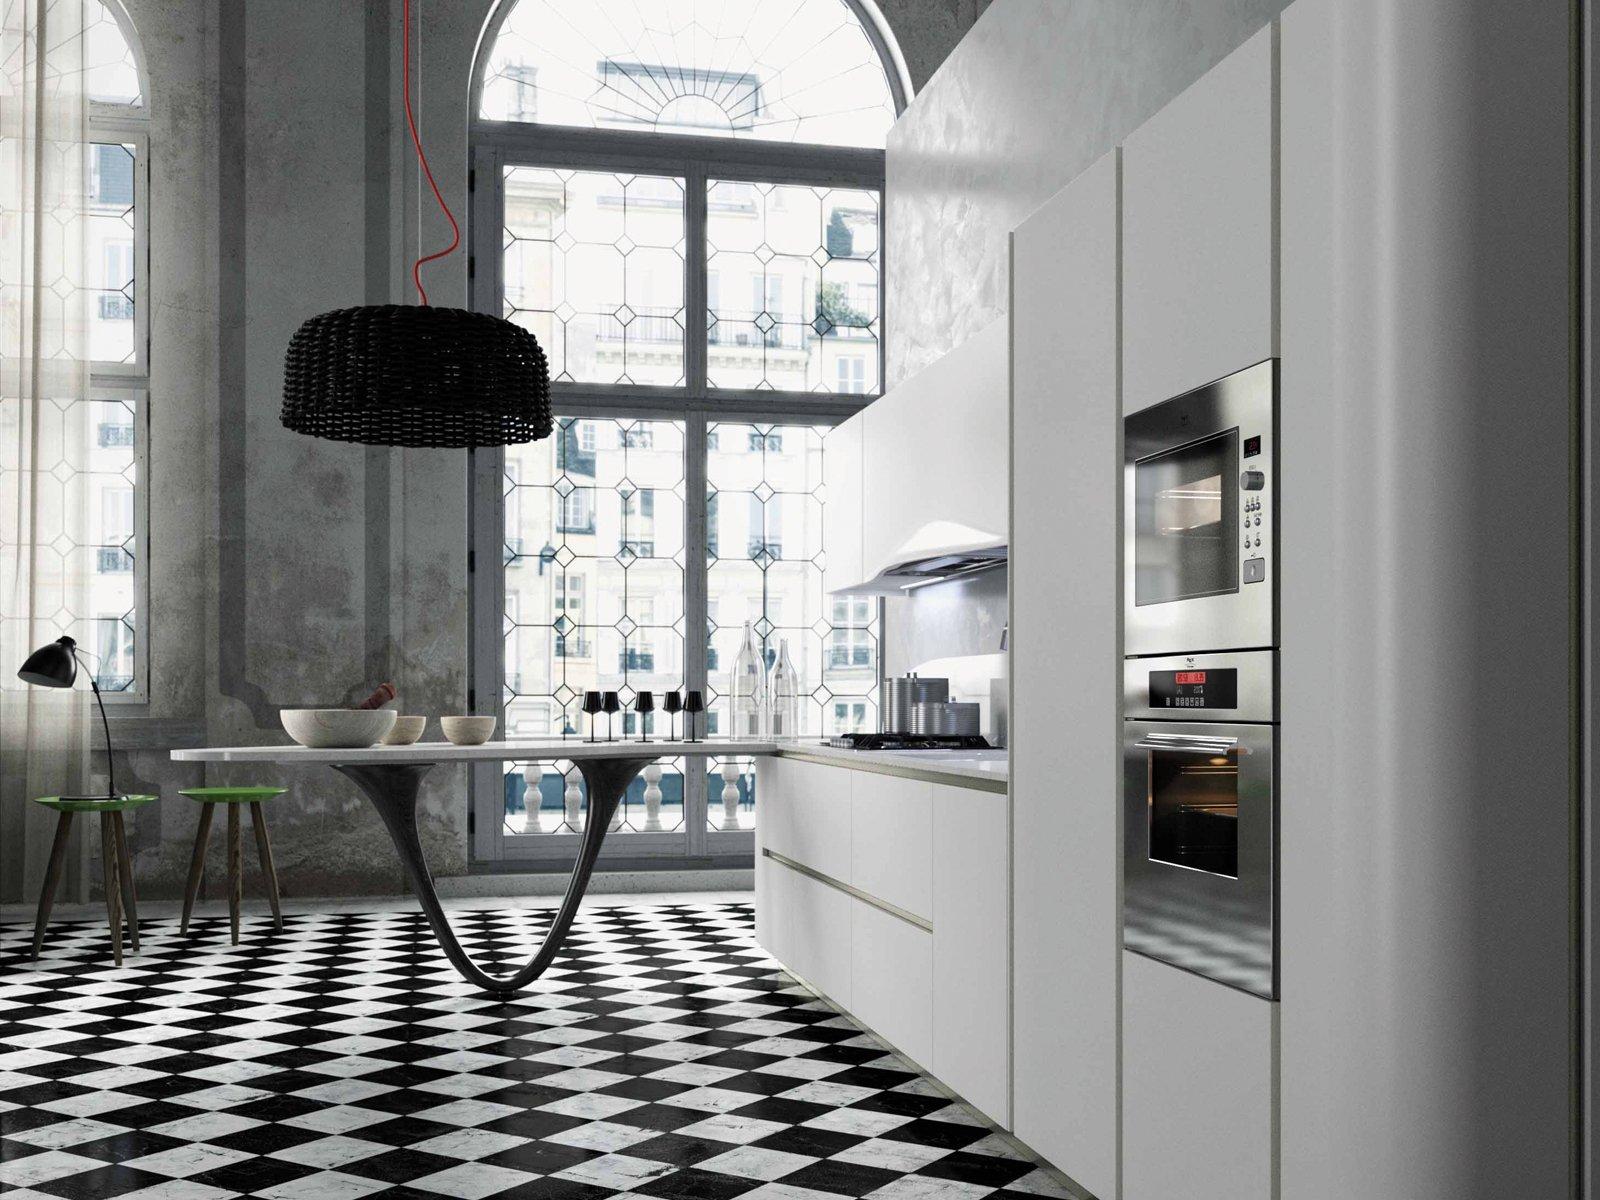 Leggi Anche Cucine Focus Sui Piani Cucine Colorate Come Un #5C696F 1600 1200 Cucine Piccole Con Piano Colazione